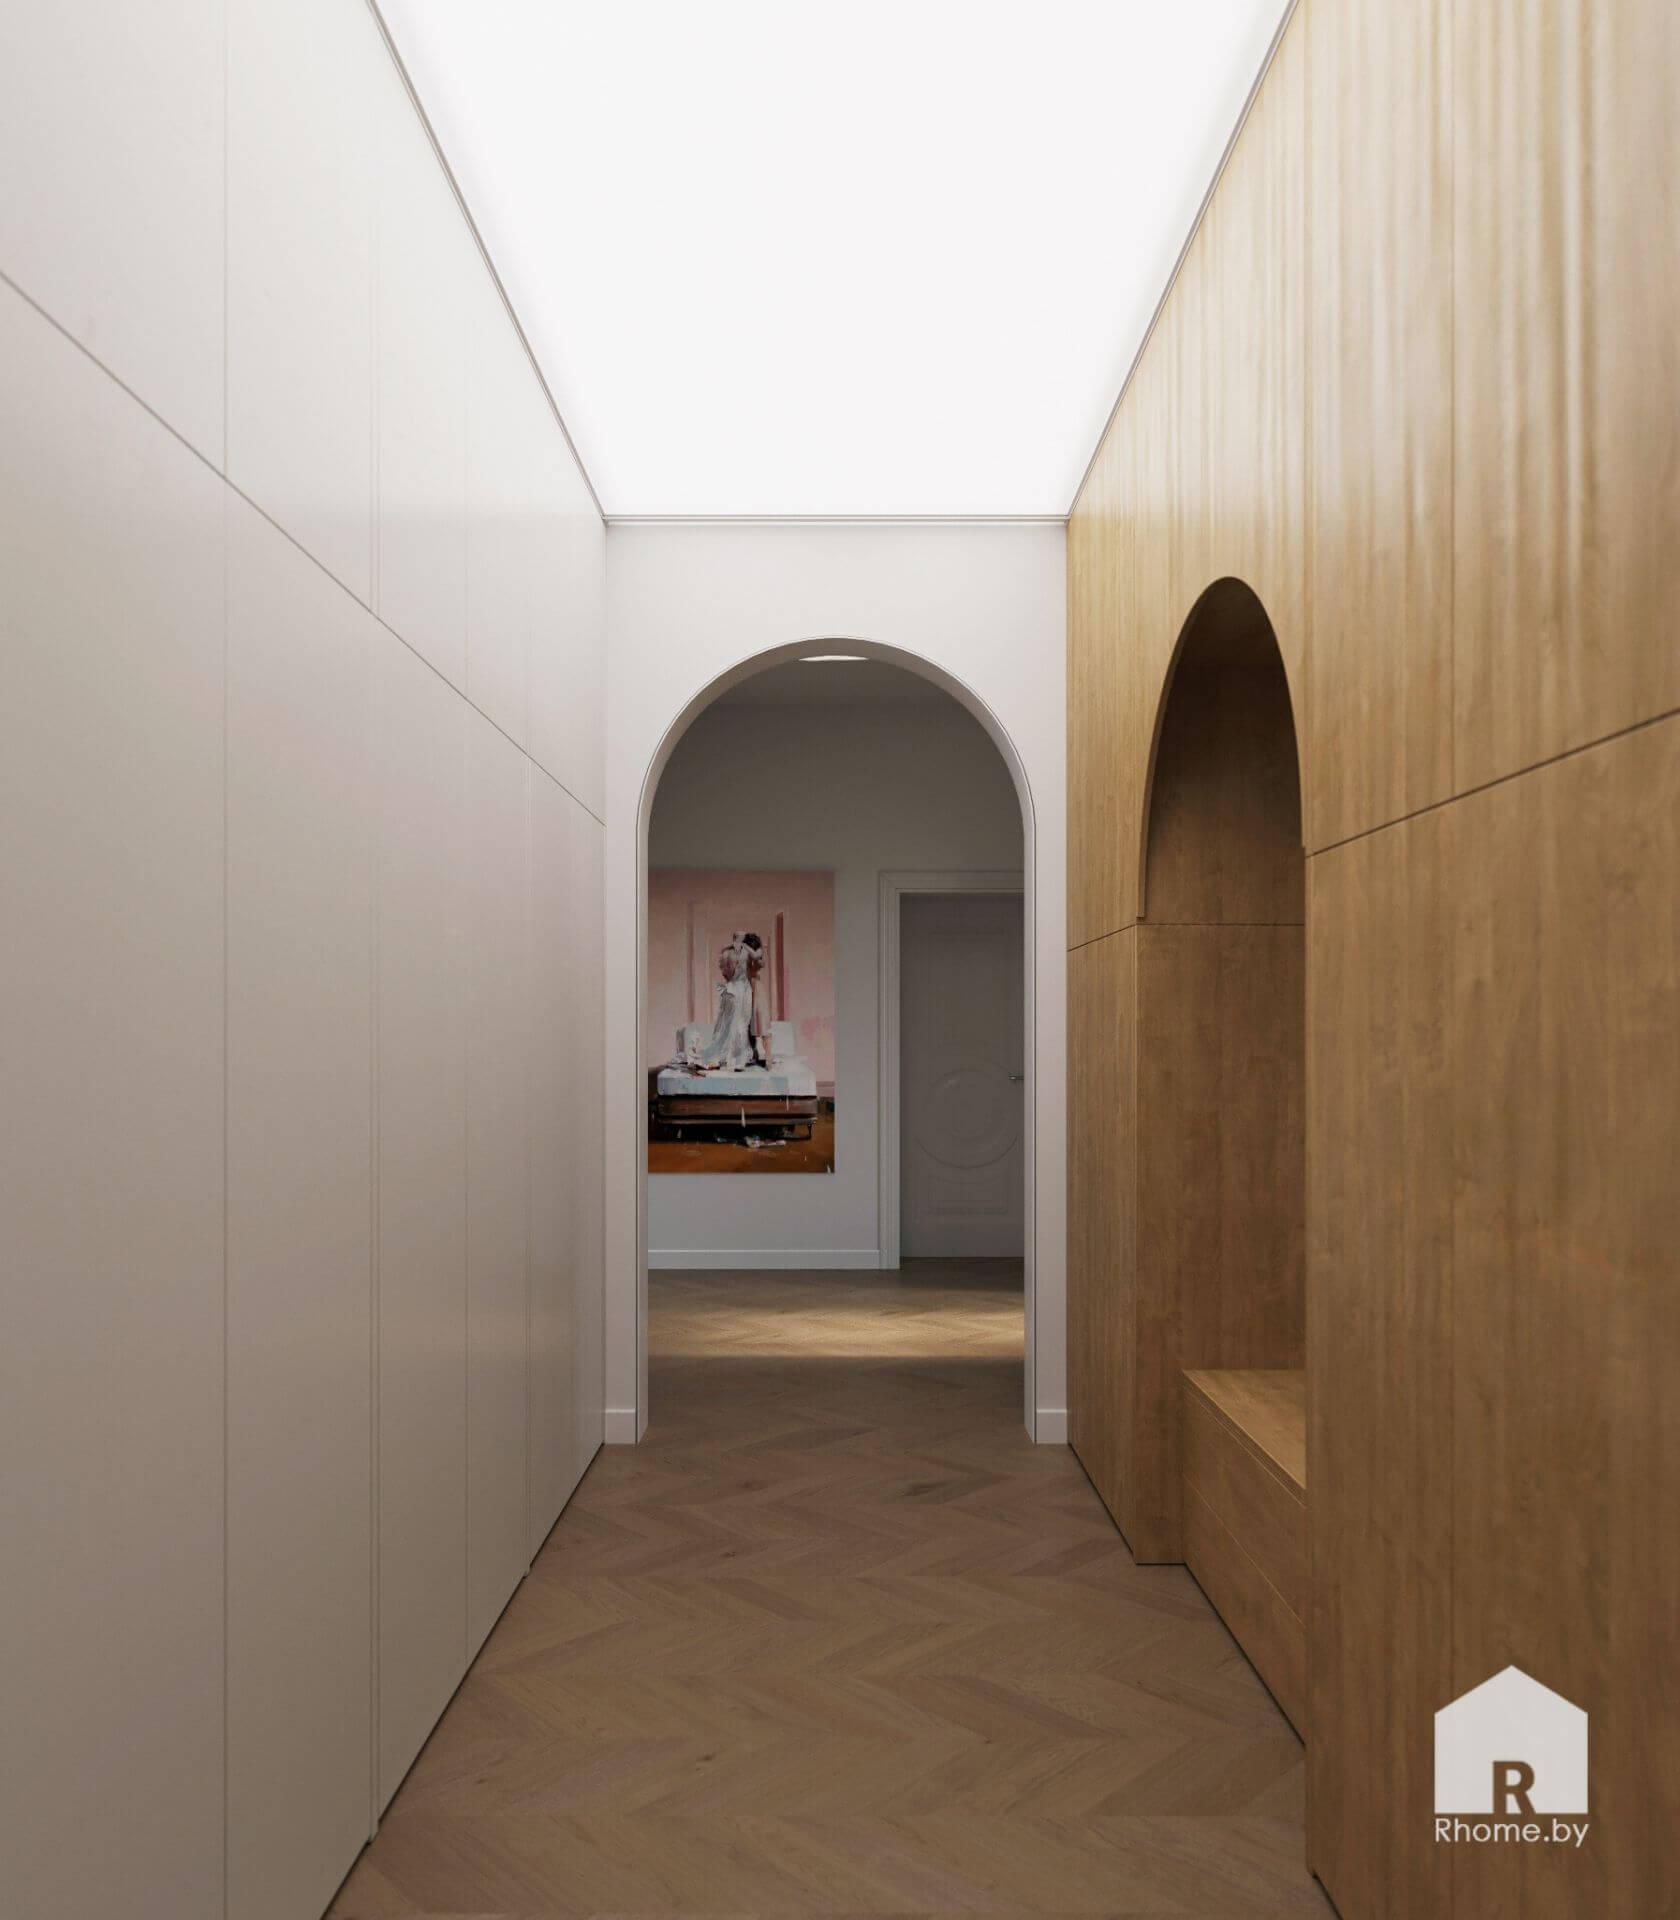 Светлый коридор с аркой, белой стеной, деревянным полом и стеной.